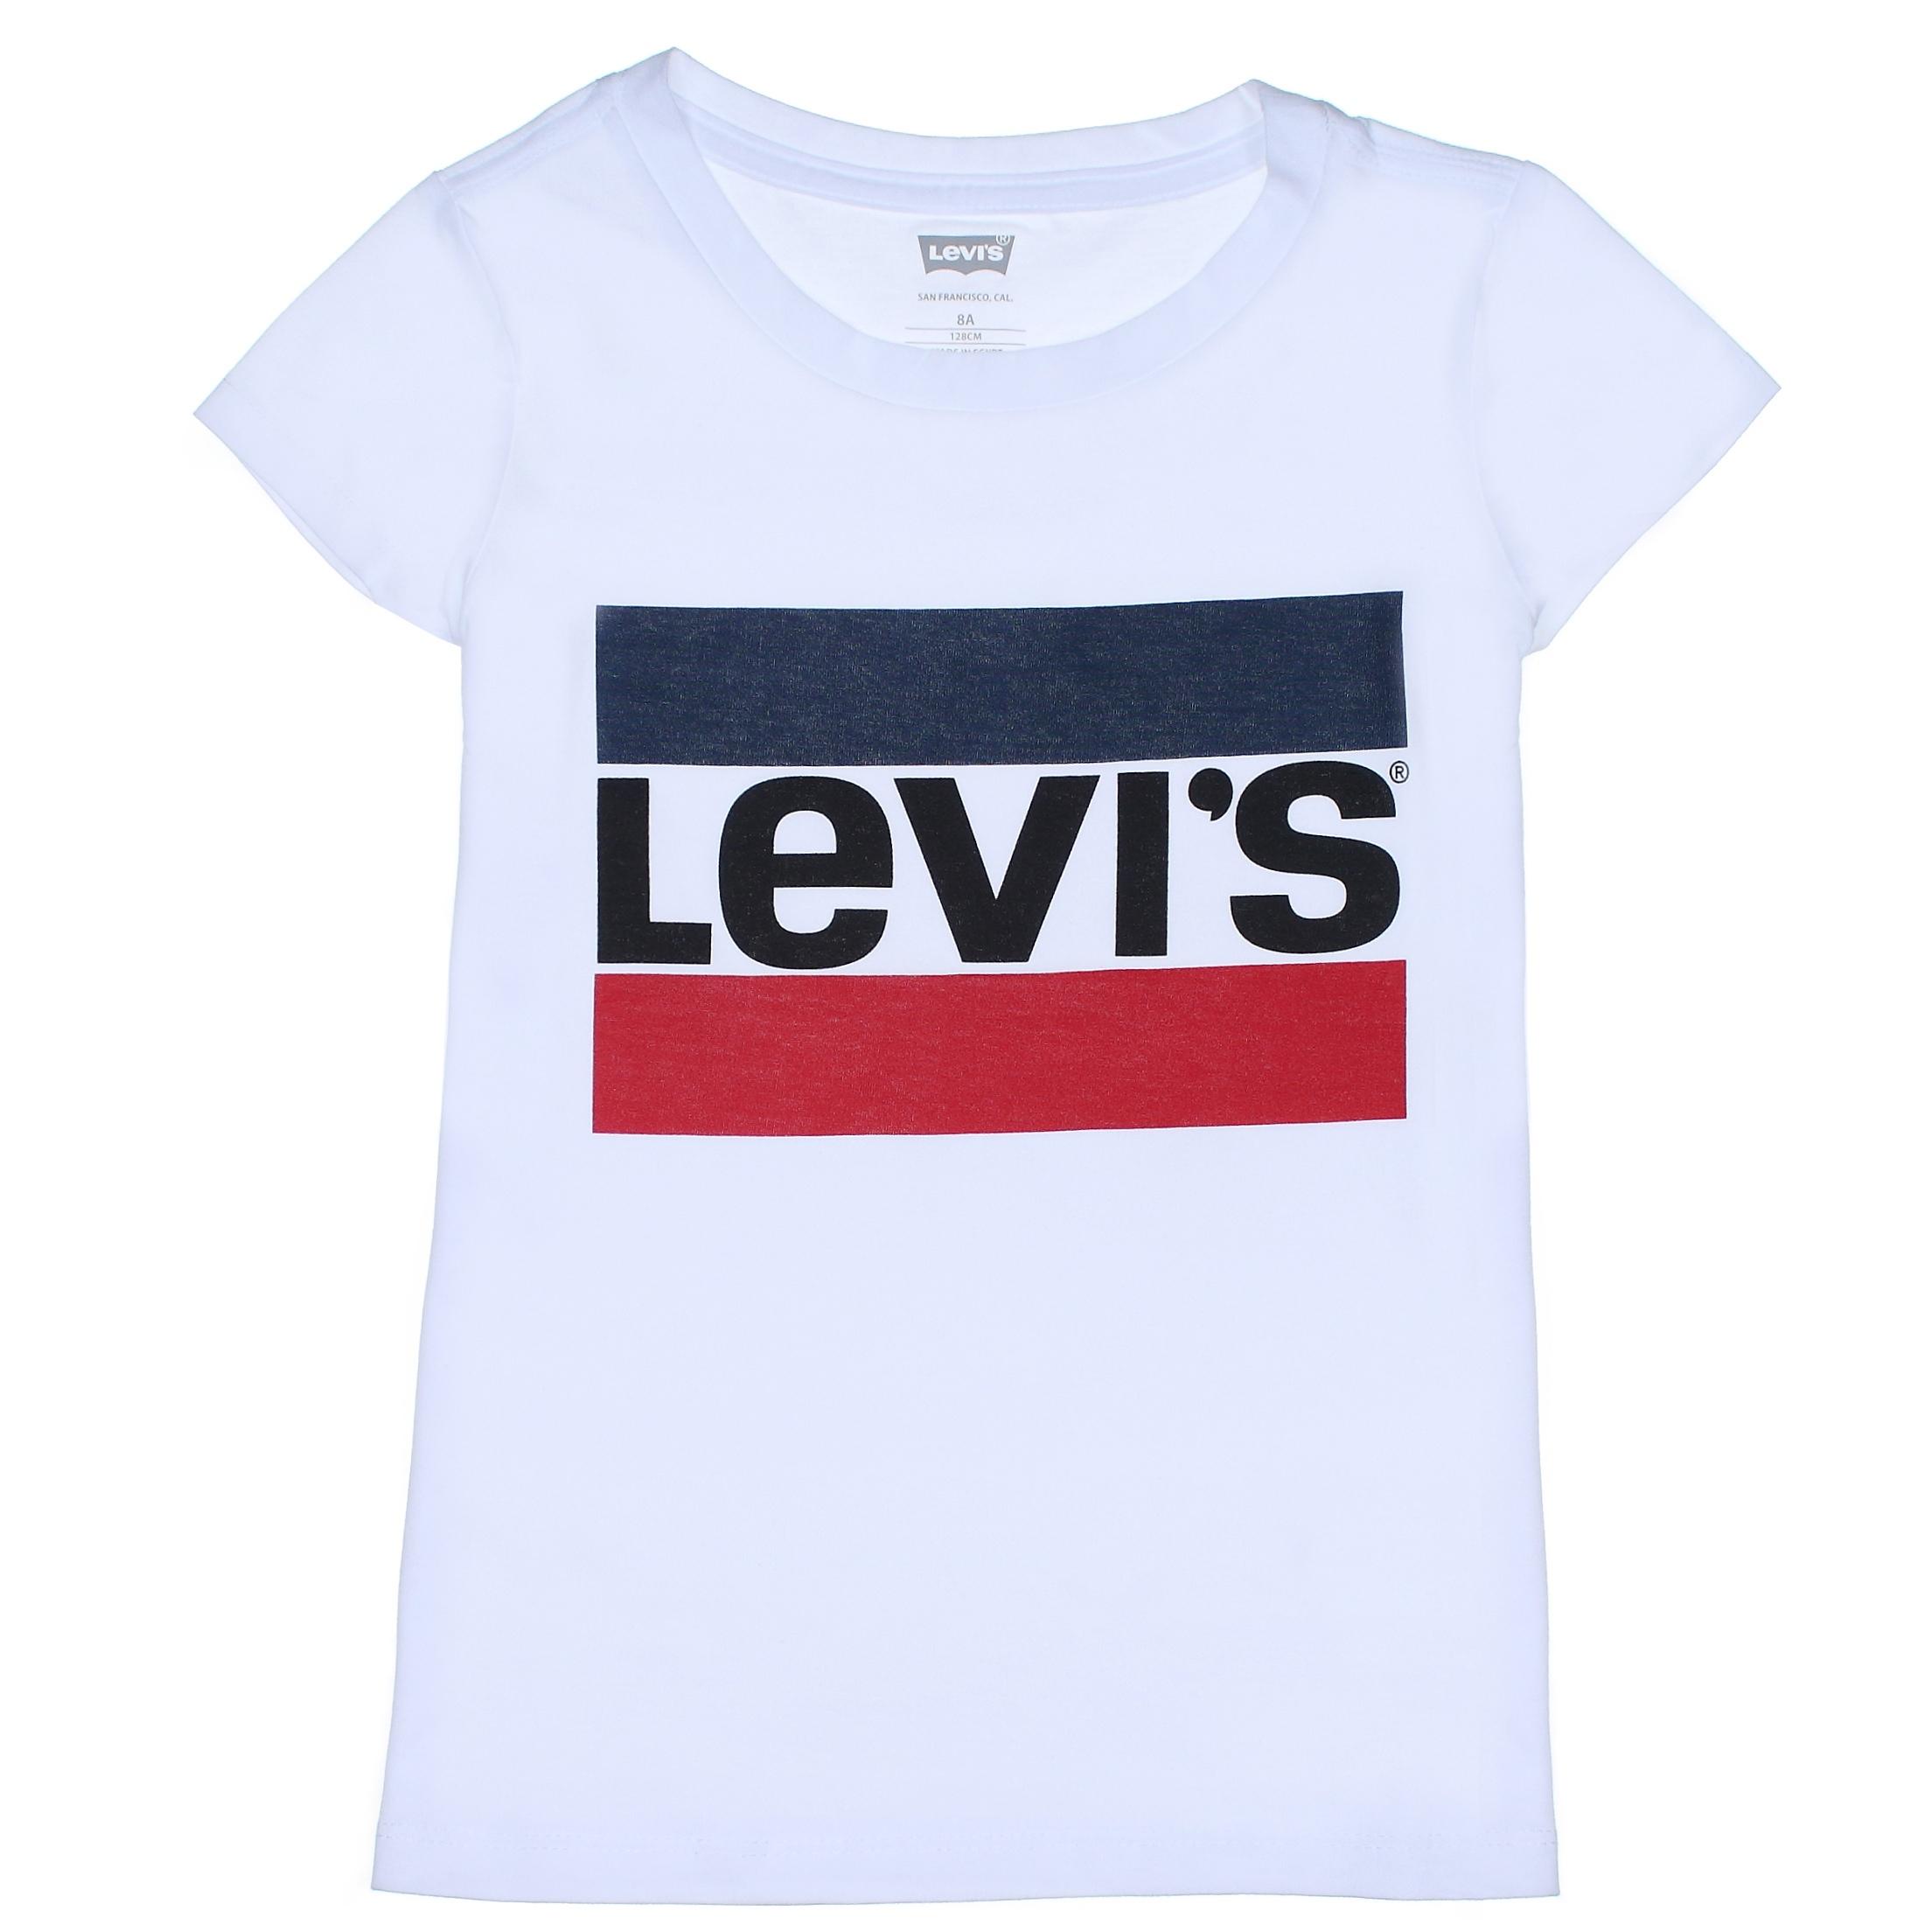 http://www.leadermode.com/183868/levi-s-kids-4900-001-white.jpg